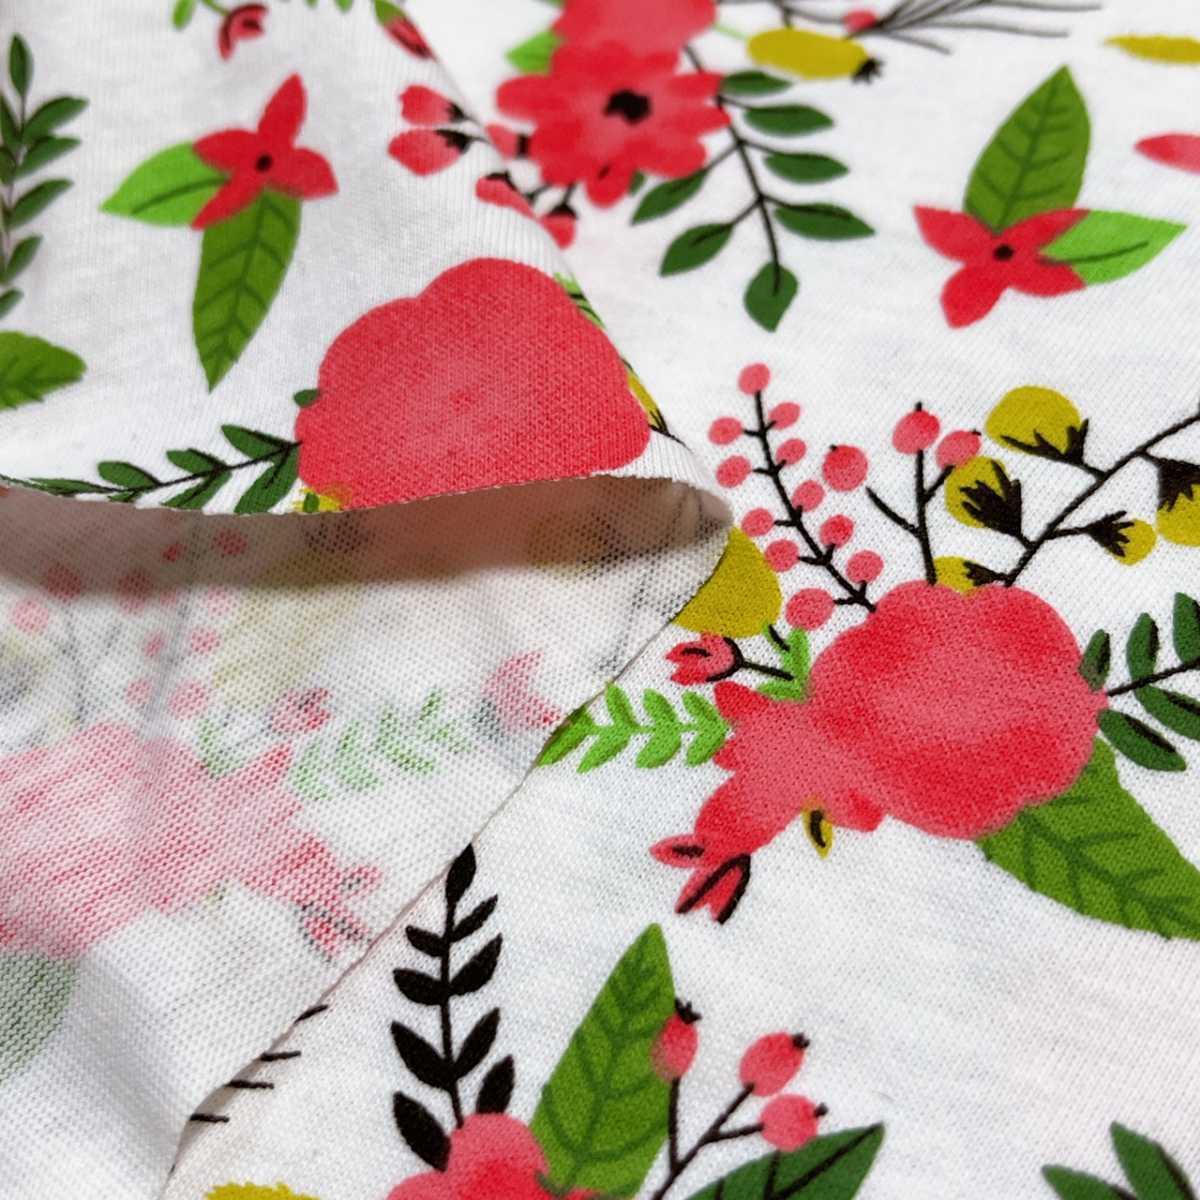 花柄 Tシャツニット 87×90 生地 ニット生地 布 はぎれ ハギレ フラワー 花 ハンドメイド ナチュラル